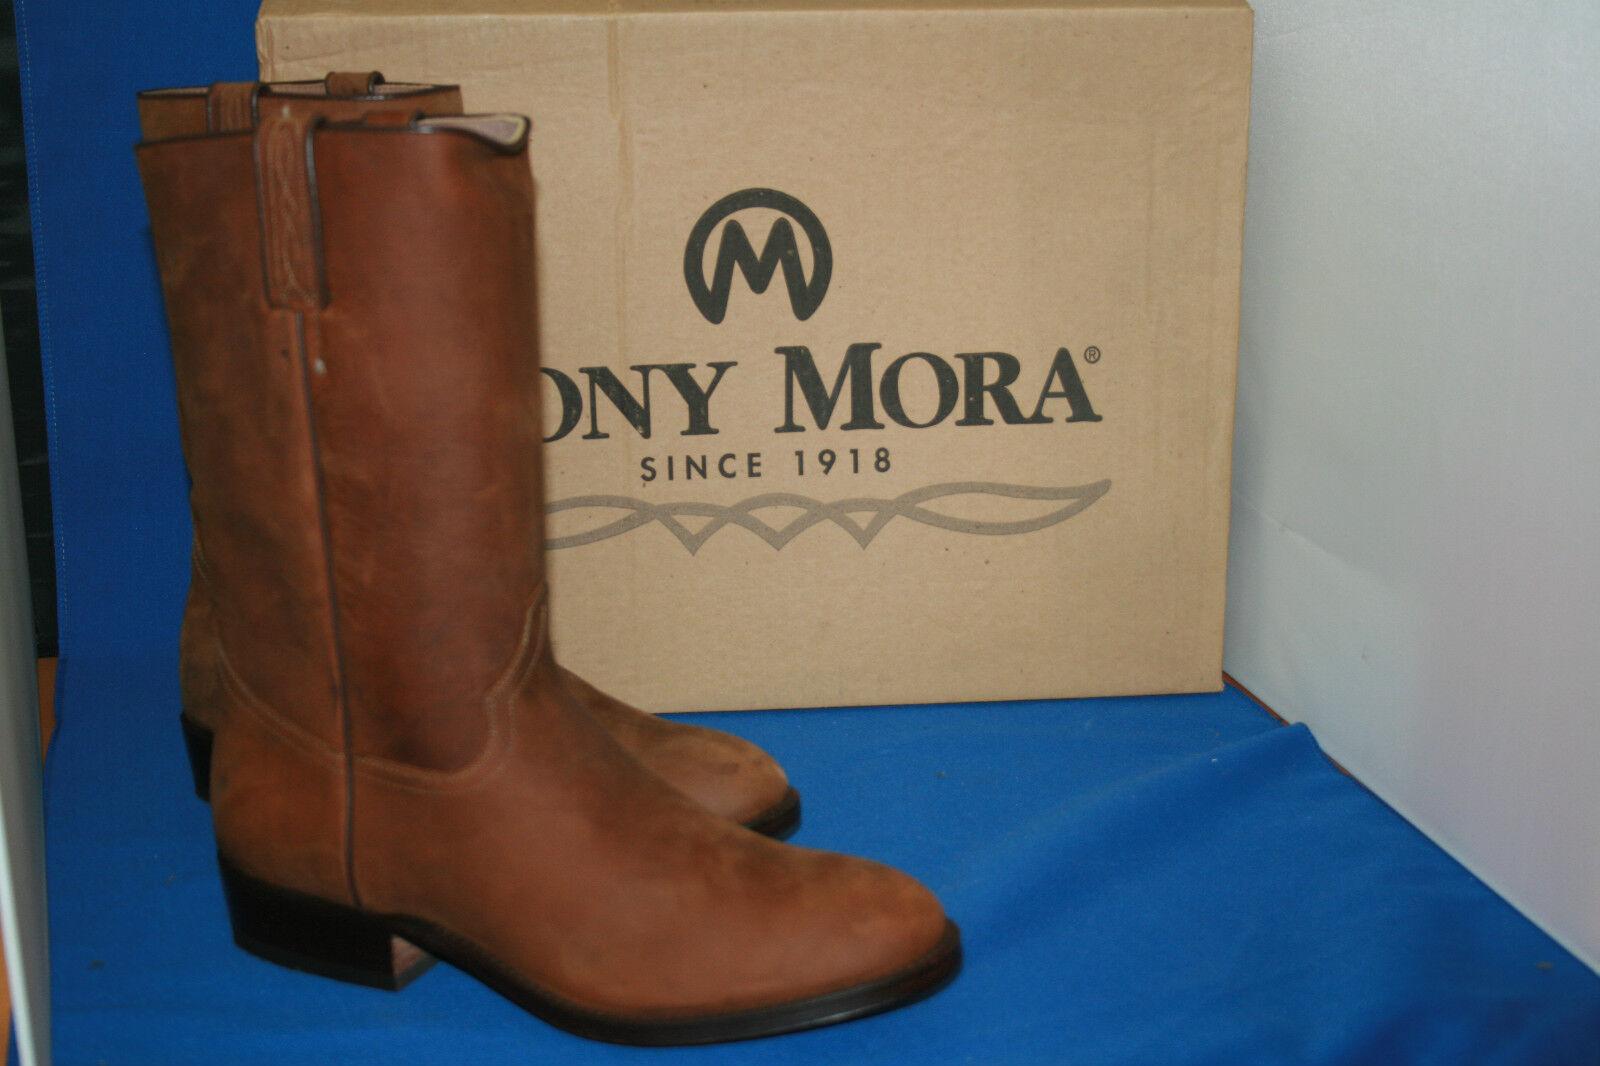 TONY MORA Stiefel Stiefel westernstiefel 42 cowboystiefel  gr. 42 westernstiefel  neu  leder nobuk 064f14